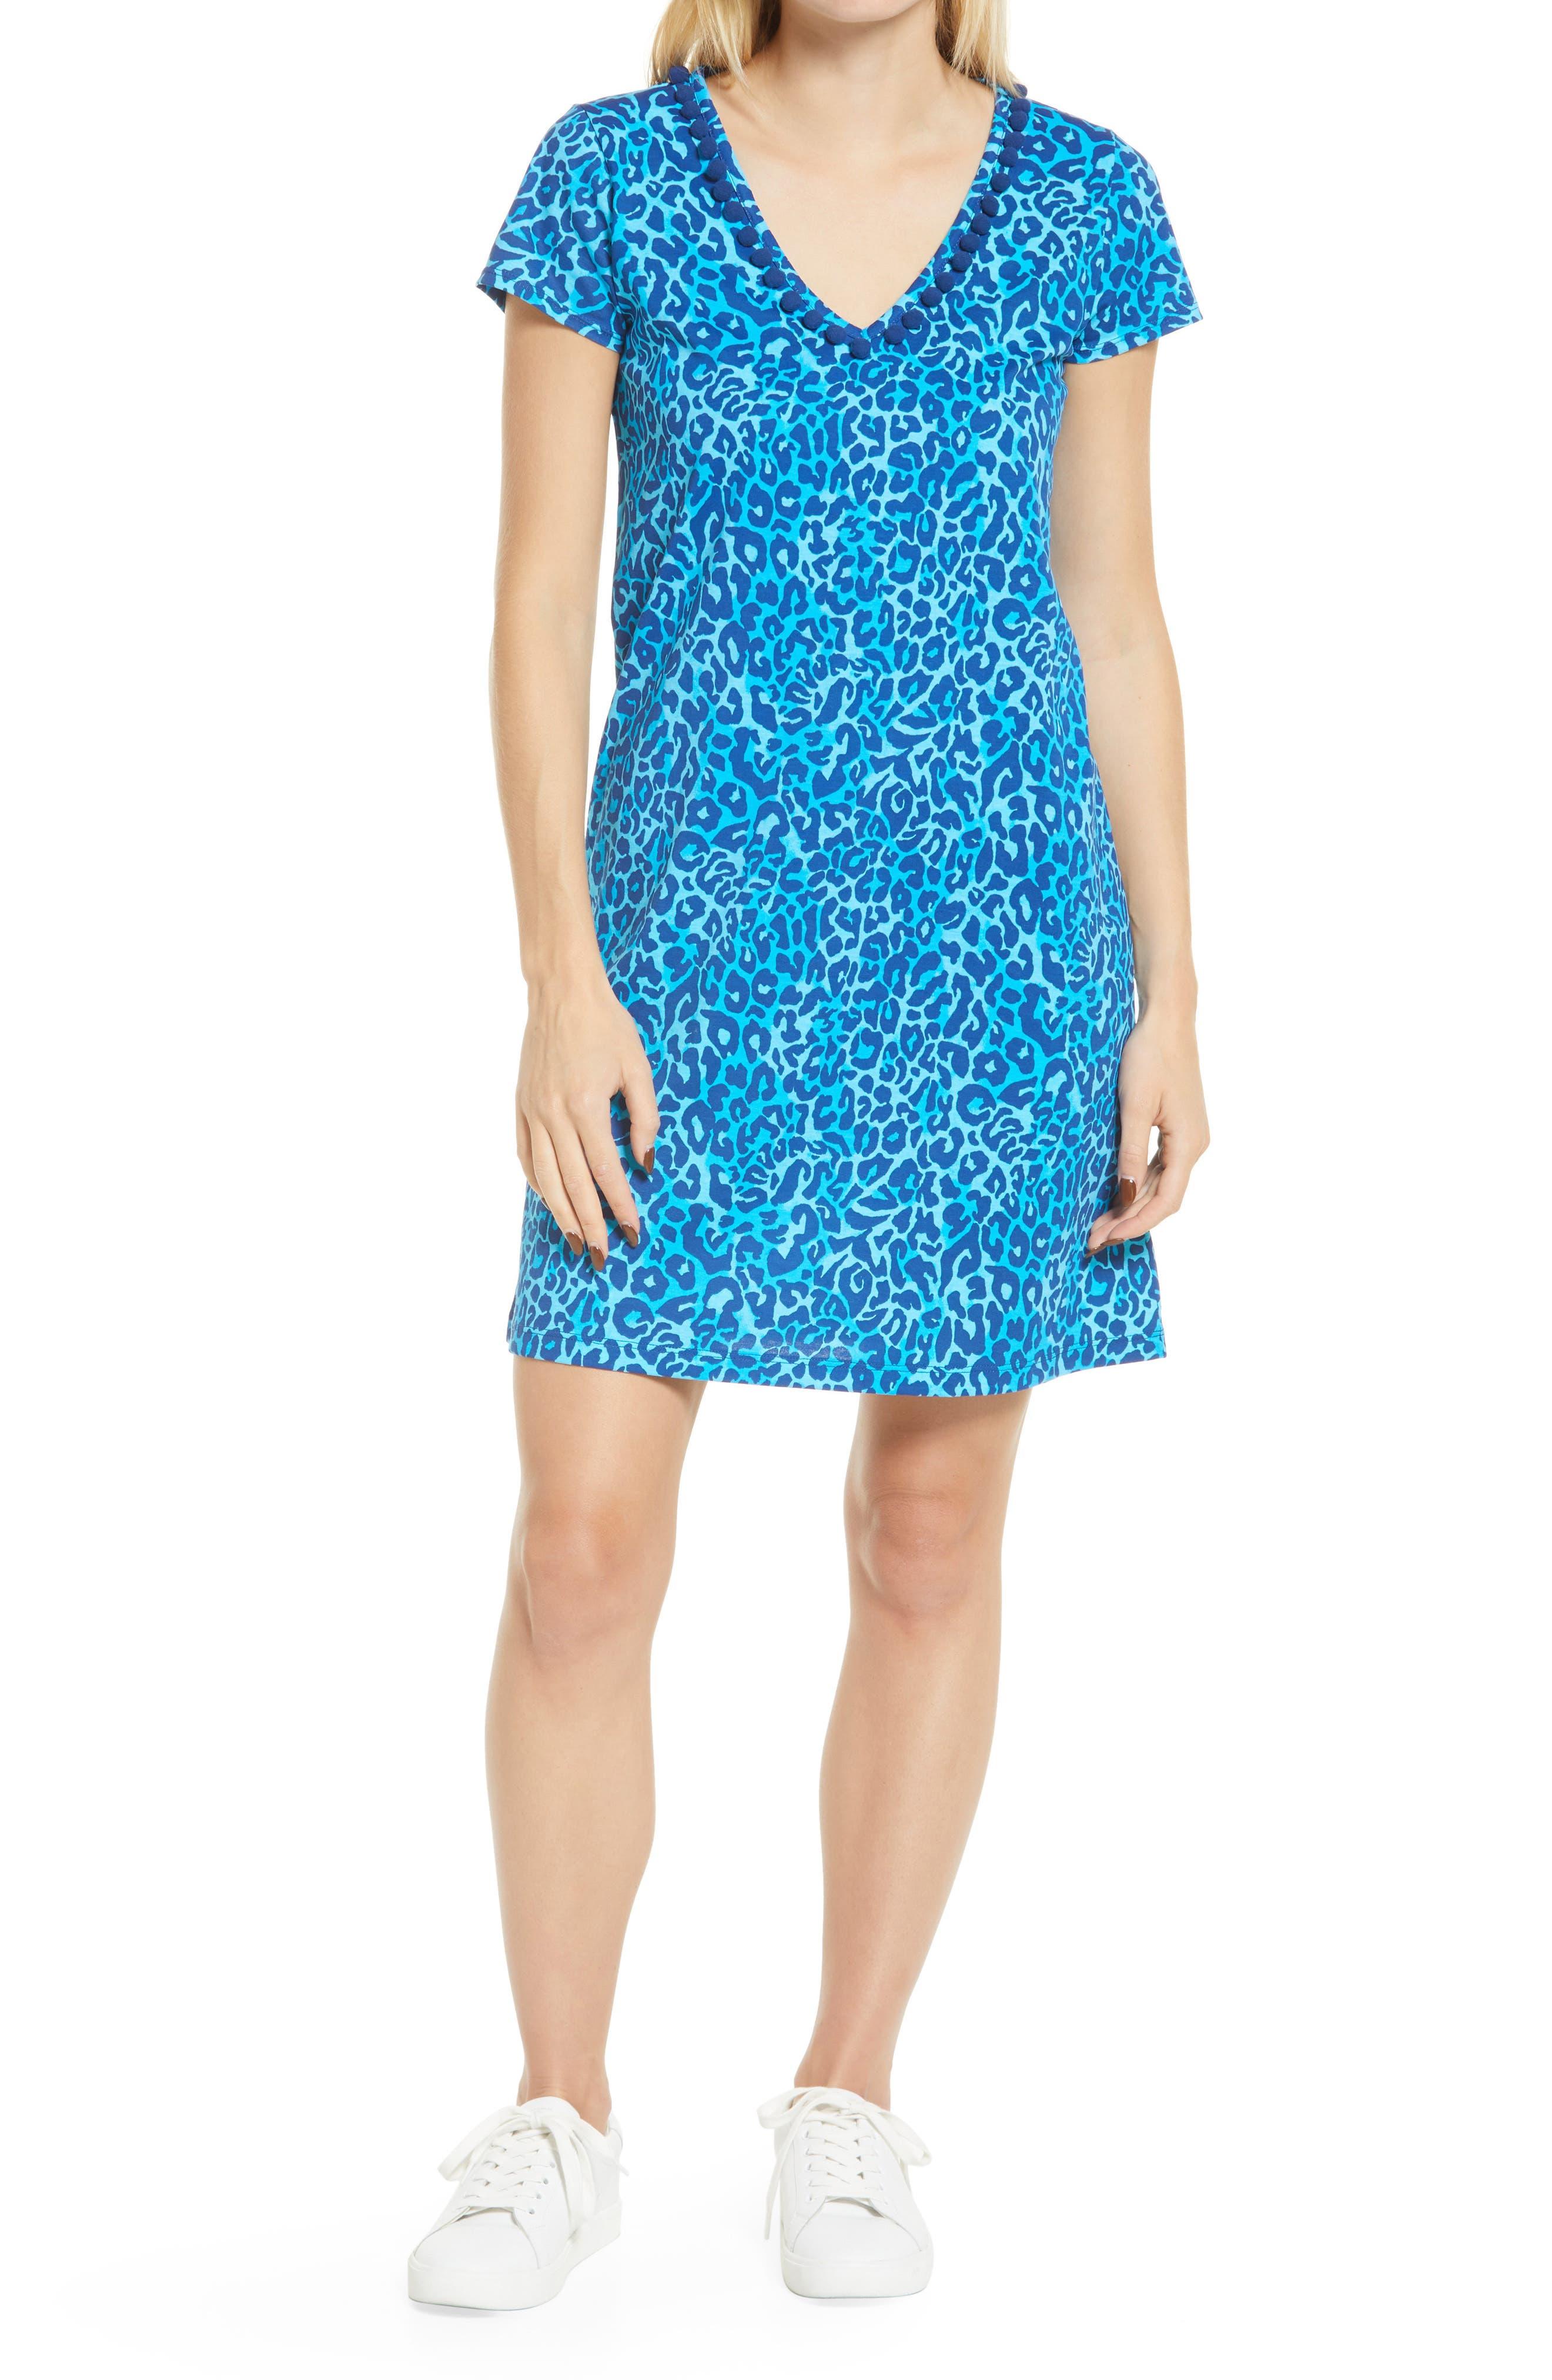 Women's Lilly Pulitzer Etta V-Neck Dress